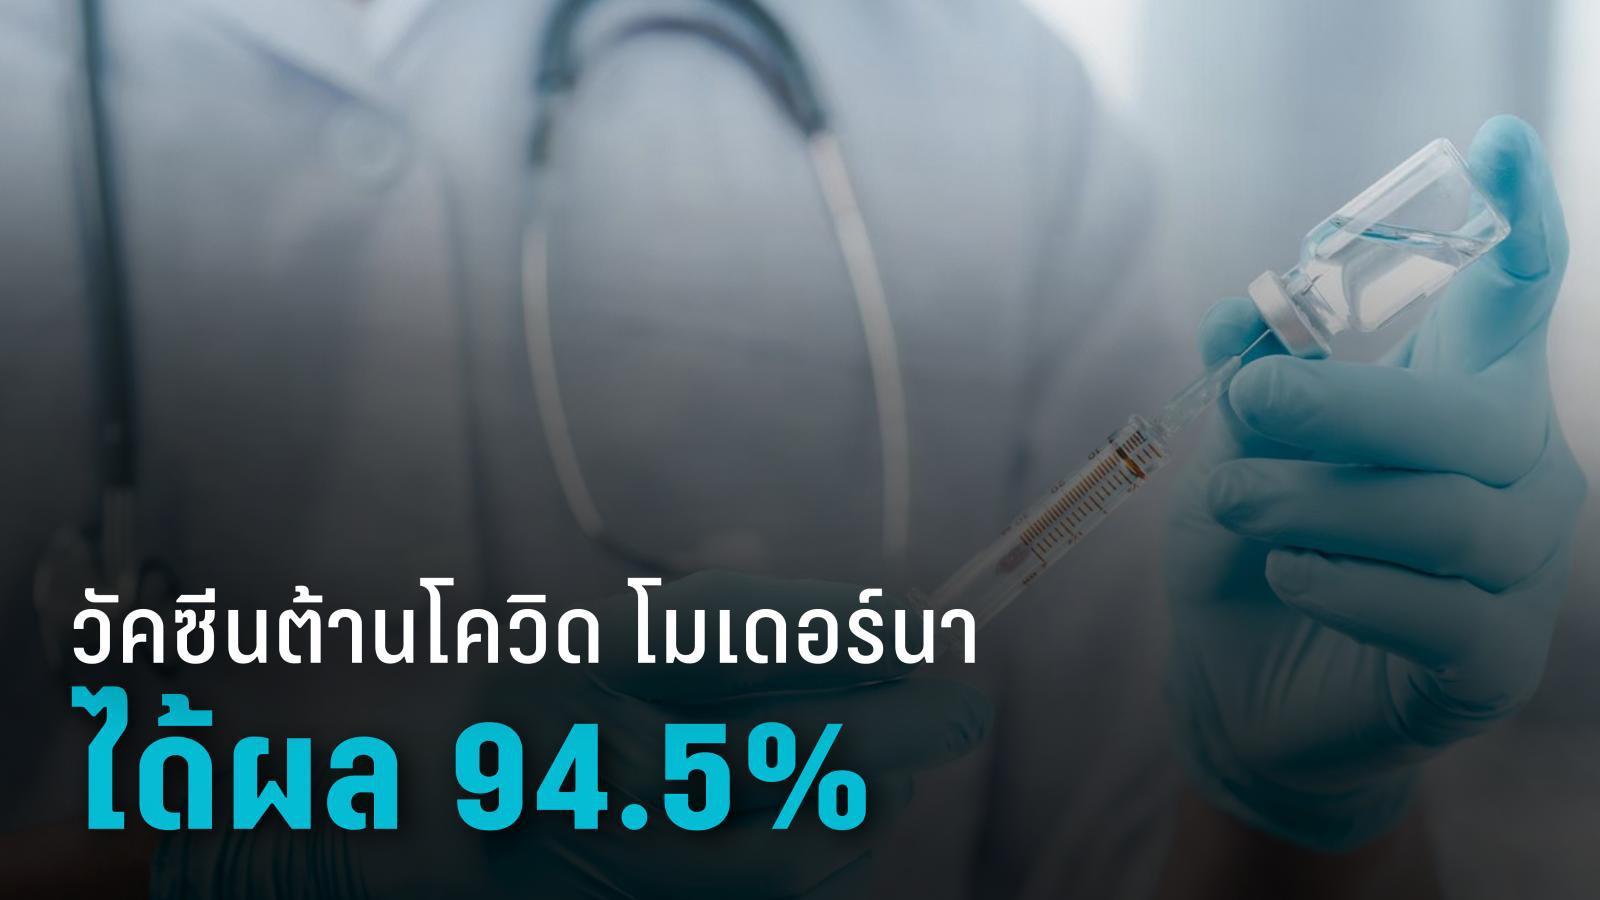 วัคซีนต้านโควิด จาก โมเดอร์นา ได้ผลมากกว่า 94.5%